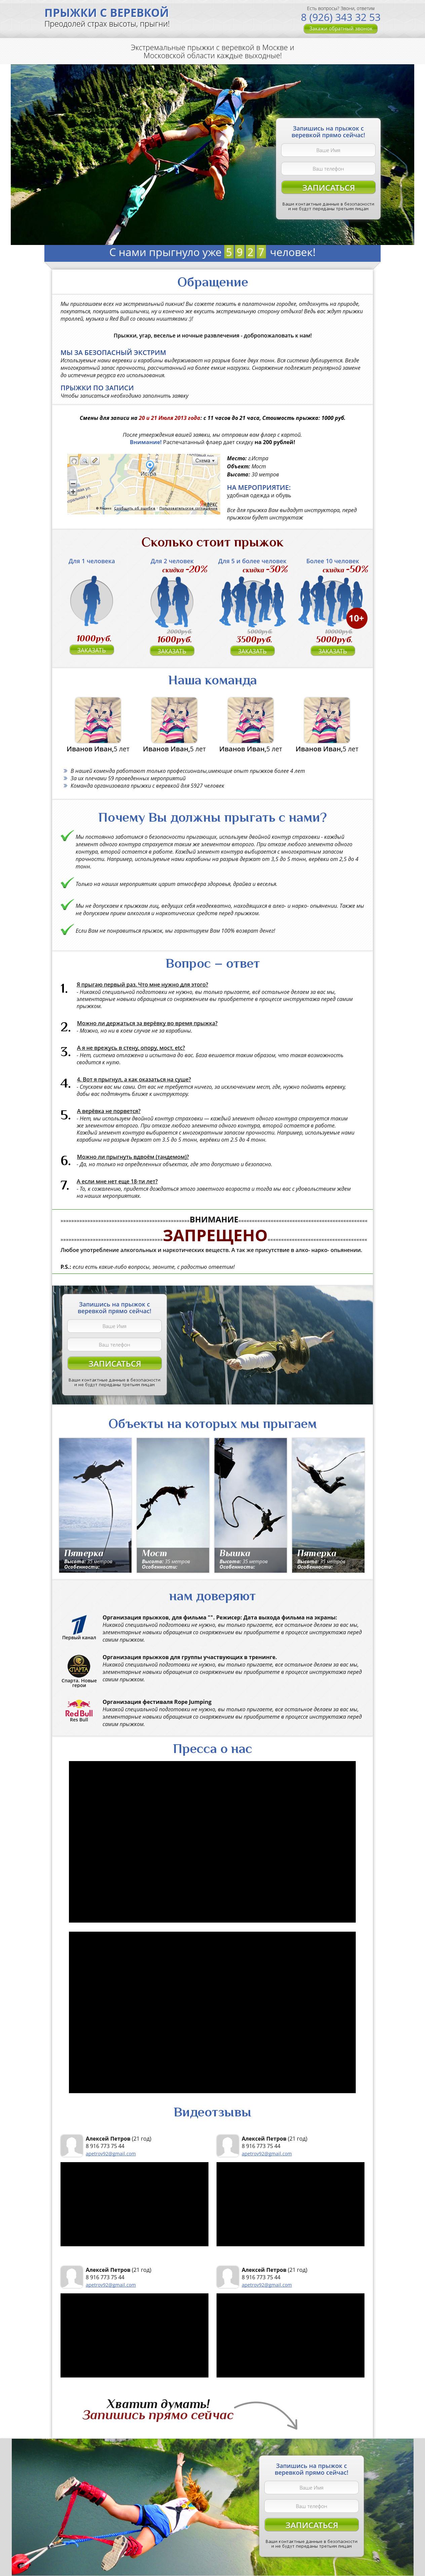 прыжки с веревкой - лендинг